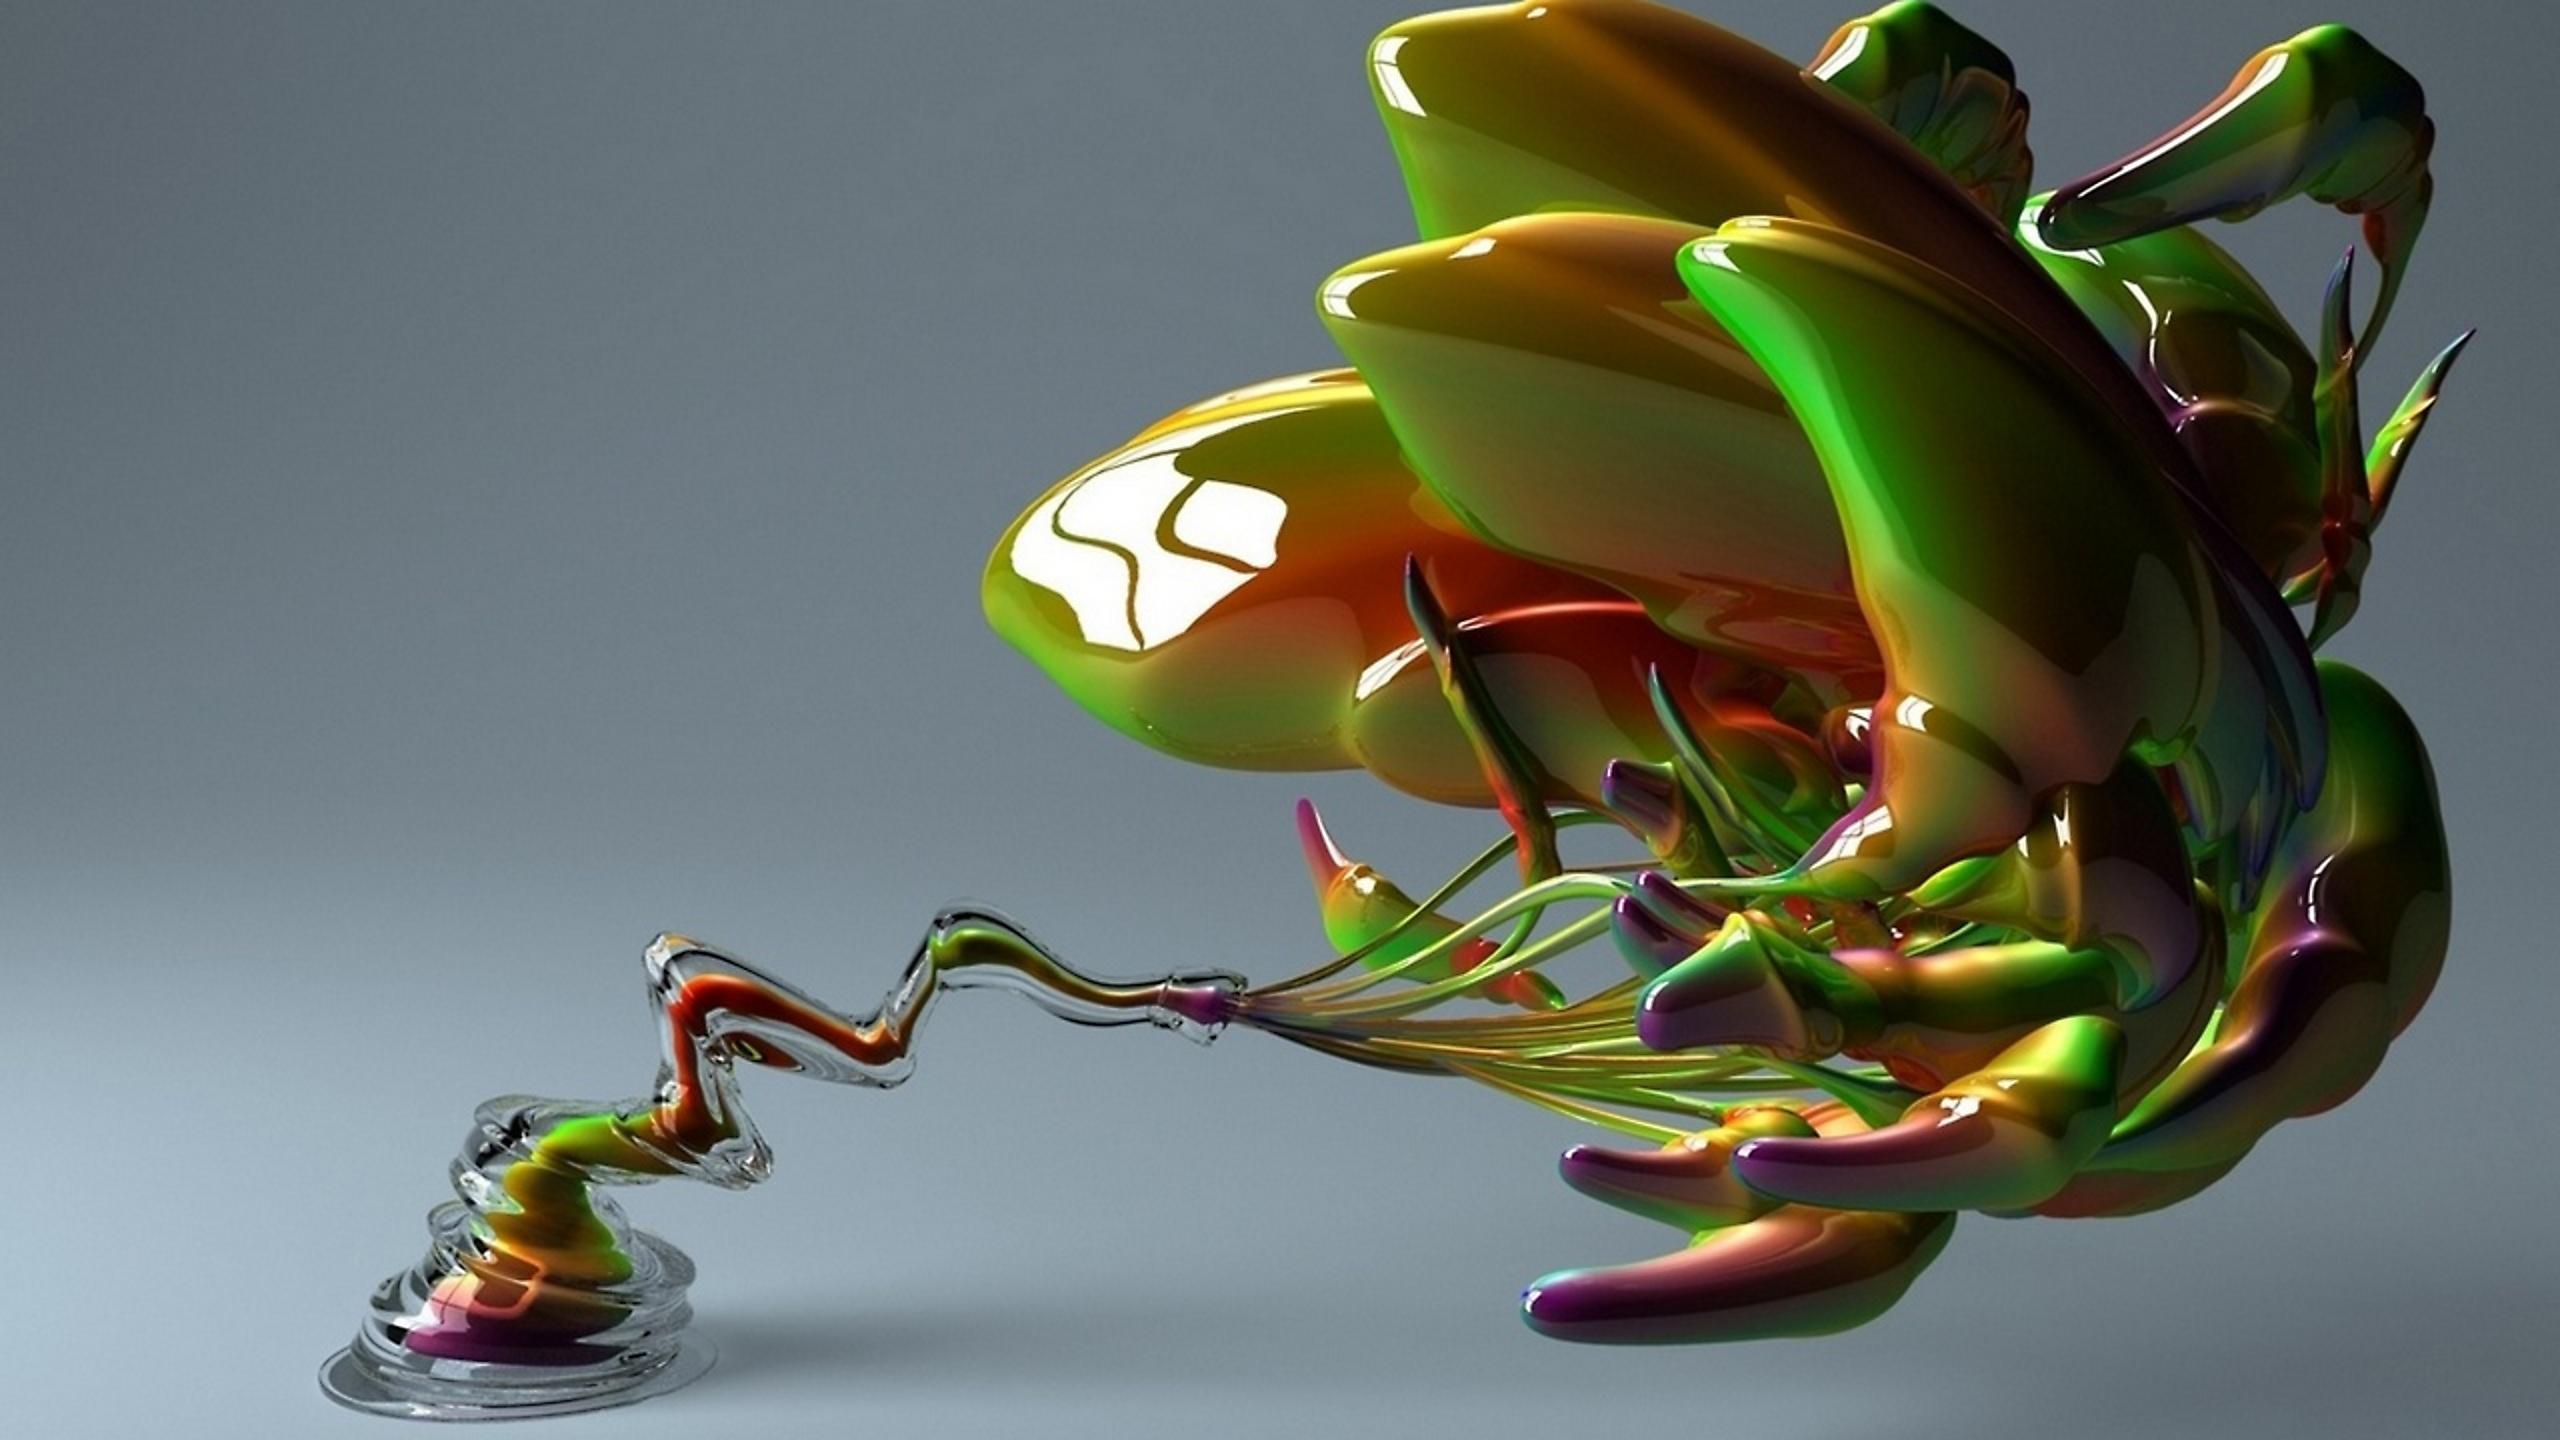 графика цветы абстракция 3D бесплатно